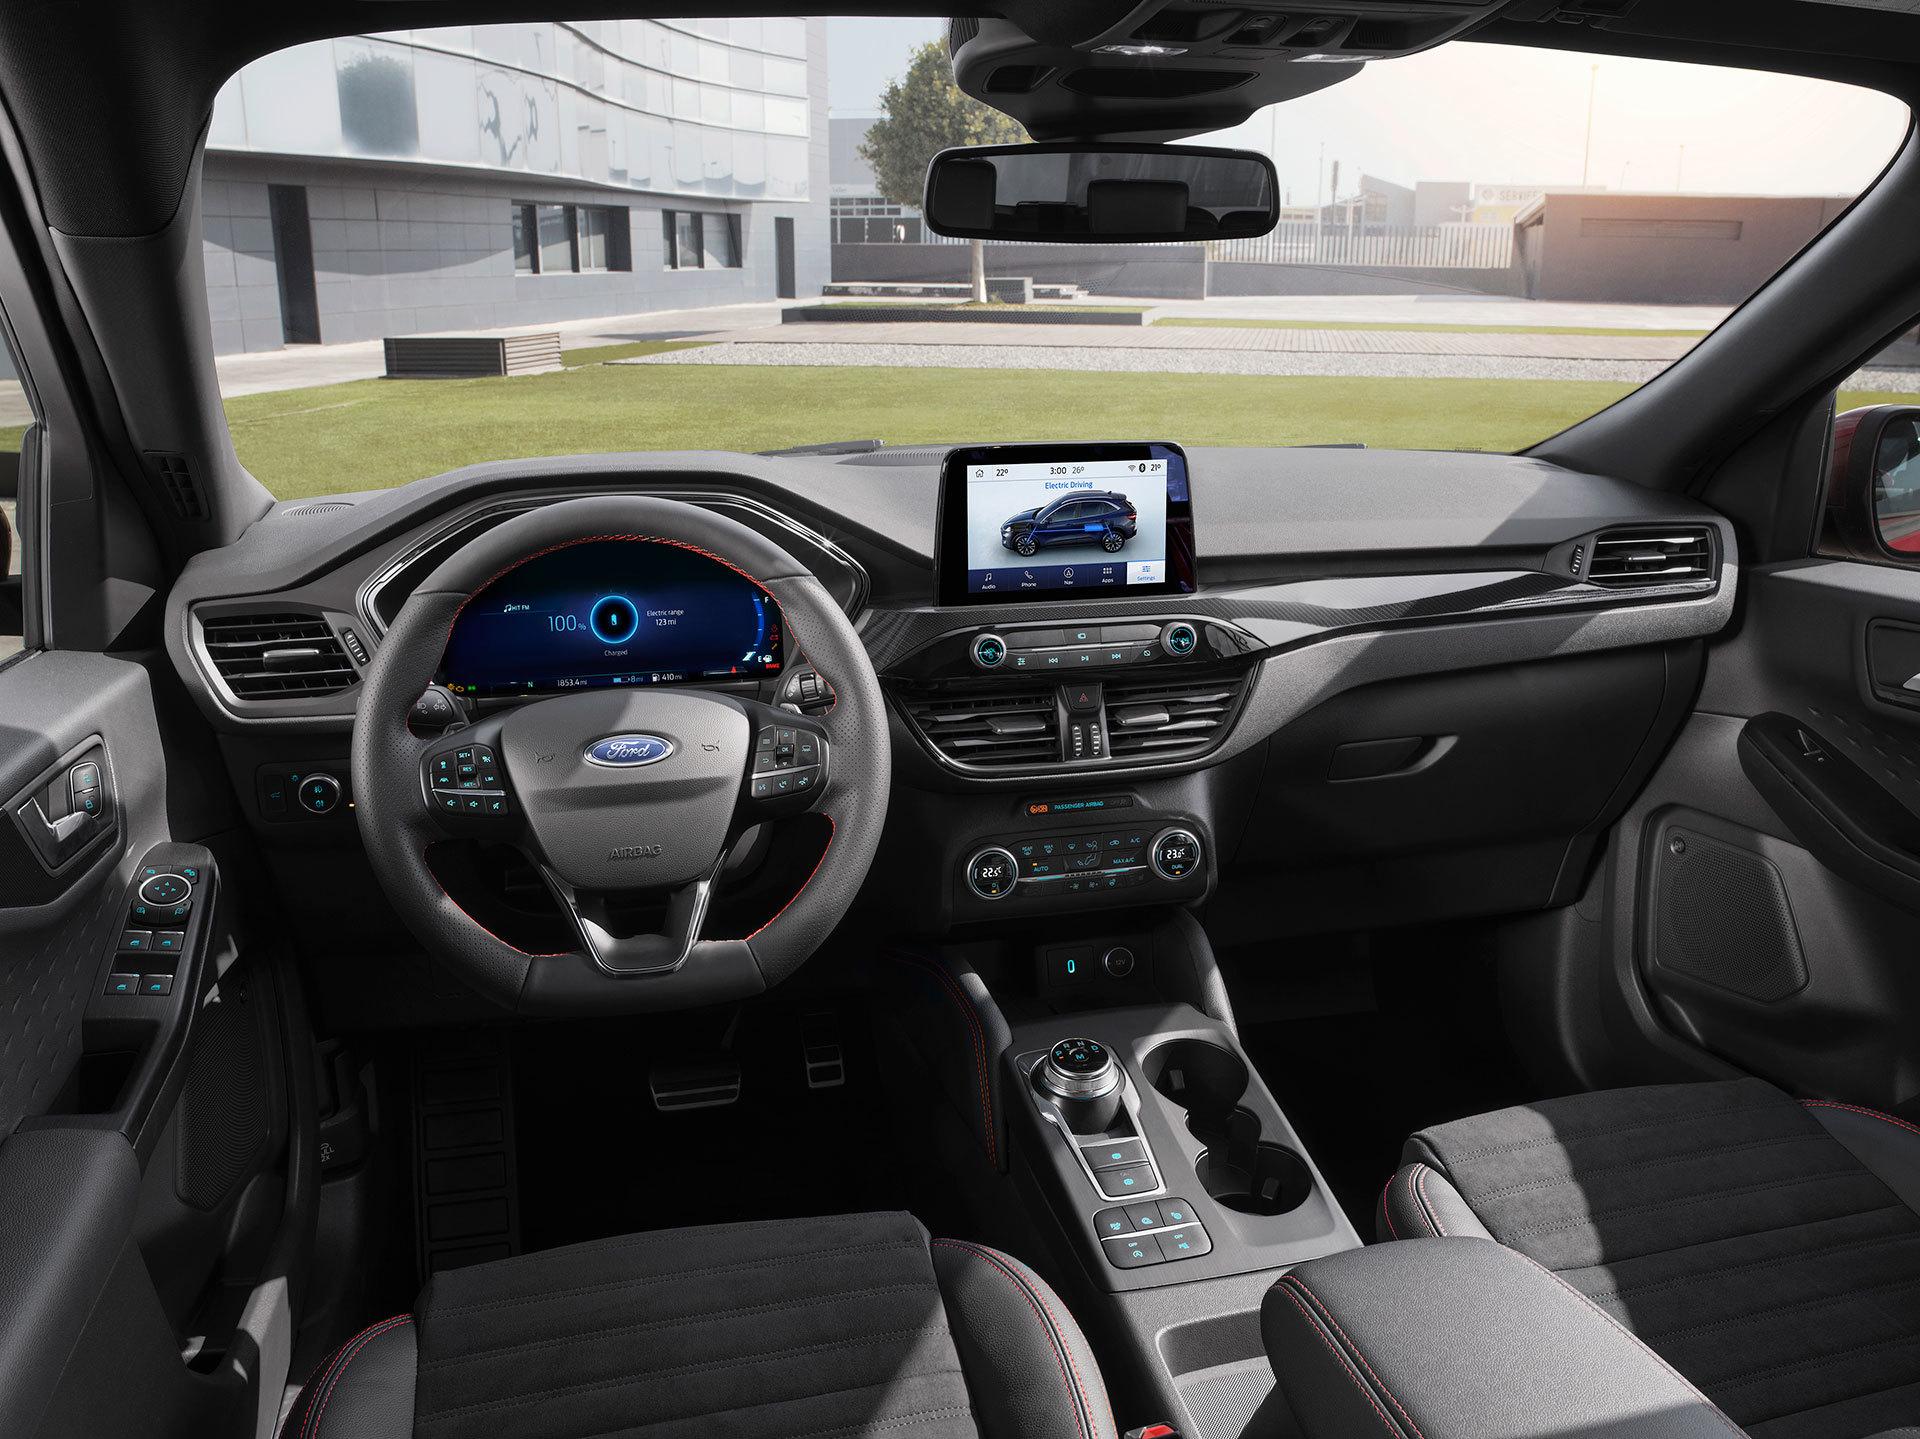 Ford Kuga 2019 Interior 1